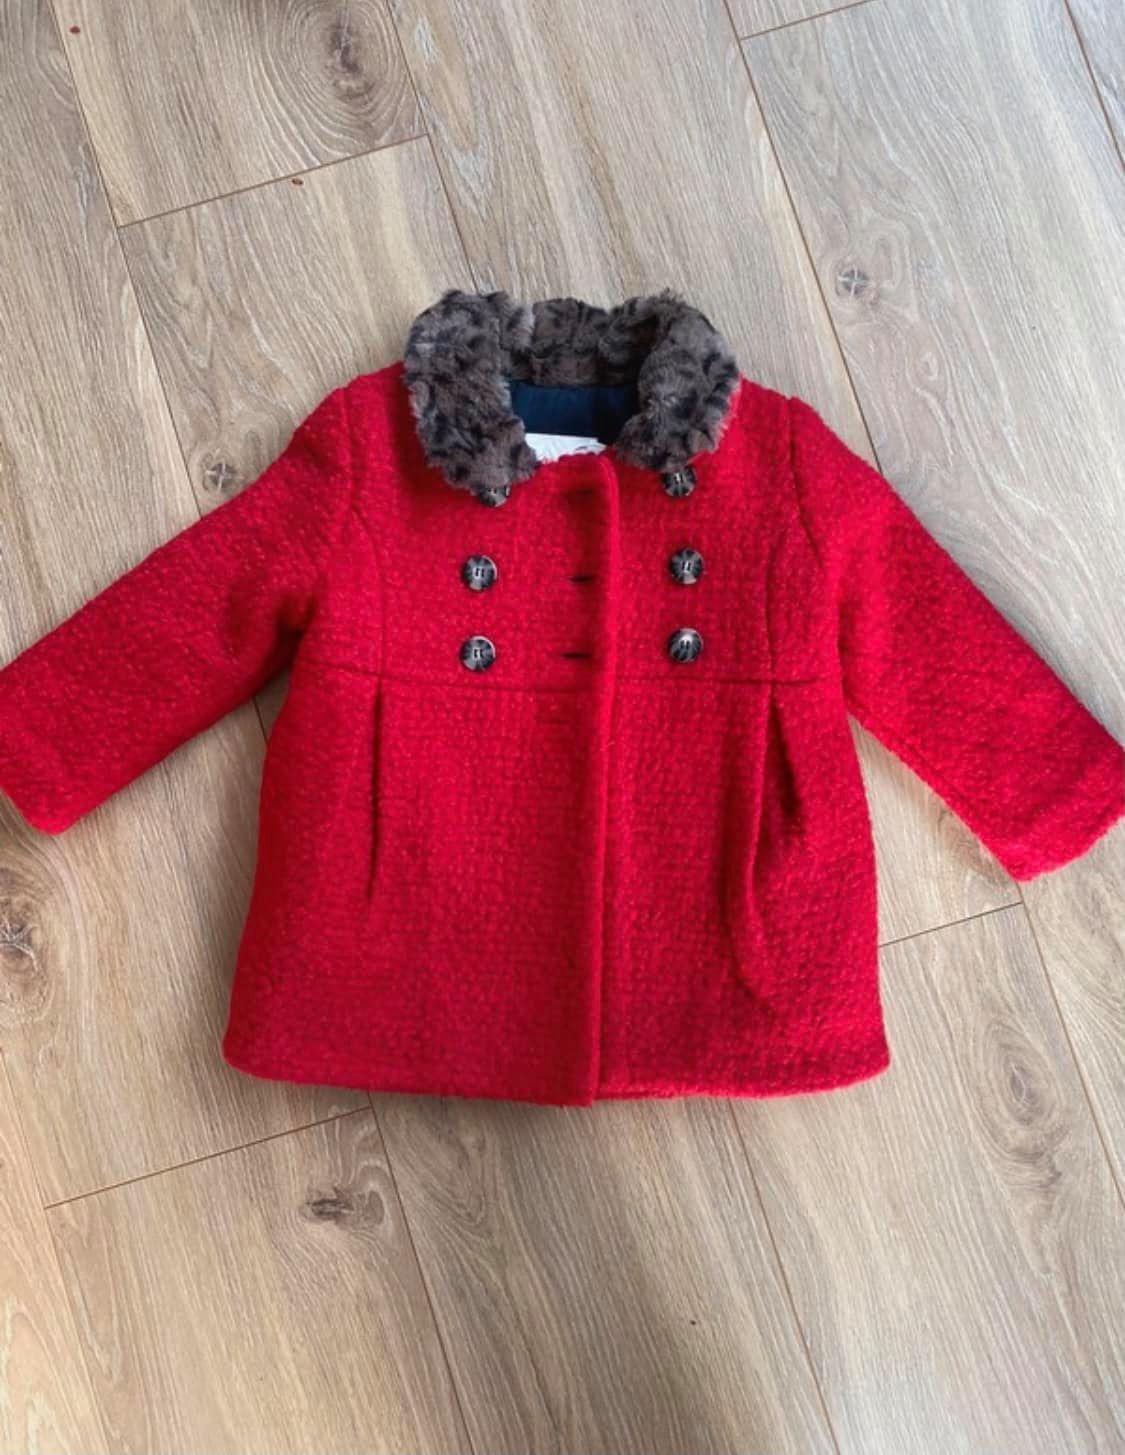 troc de troc manteau rouge catimini , 12 mois image 0